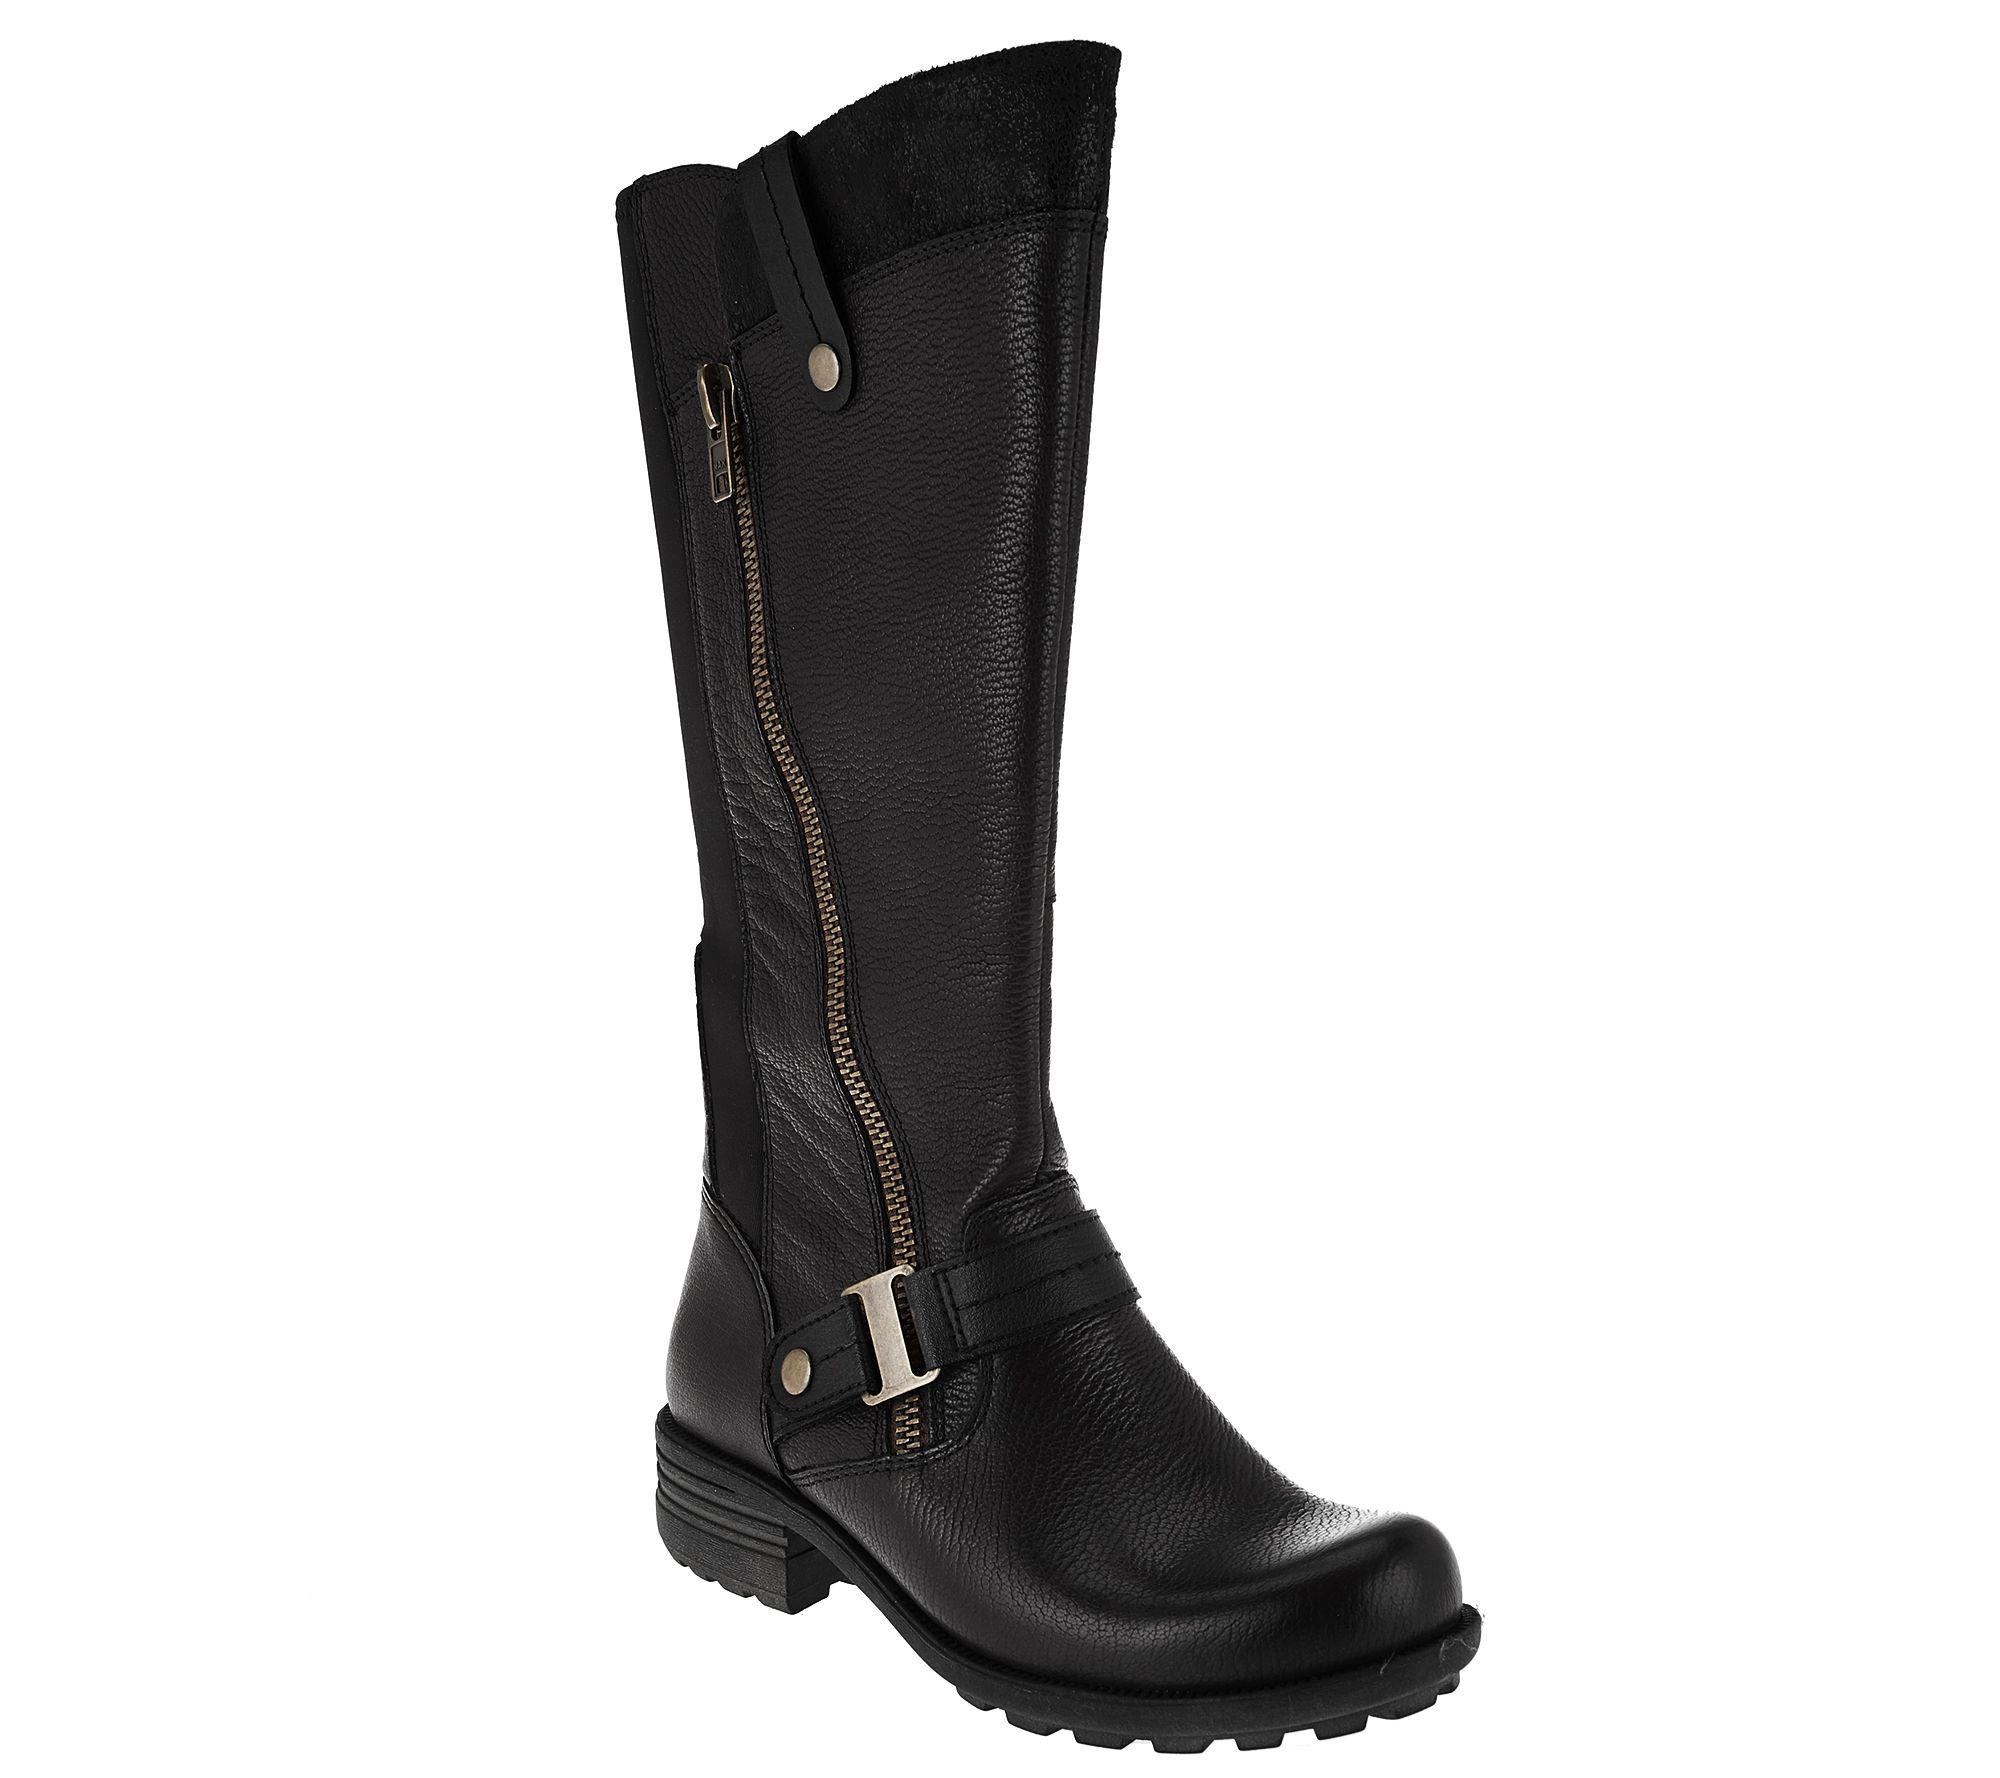 b39cfcc5d5d Earth Origins Leather Medium Calf Tall Boots - Portia — QVC.com